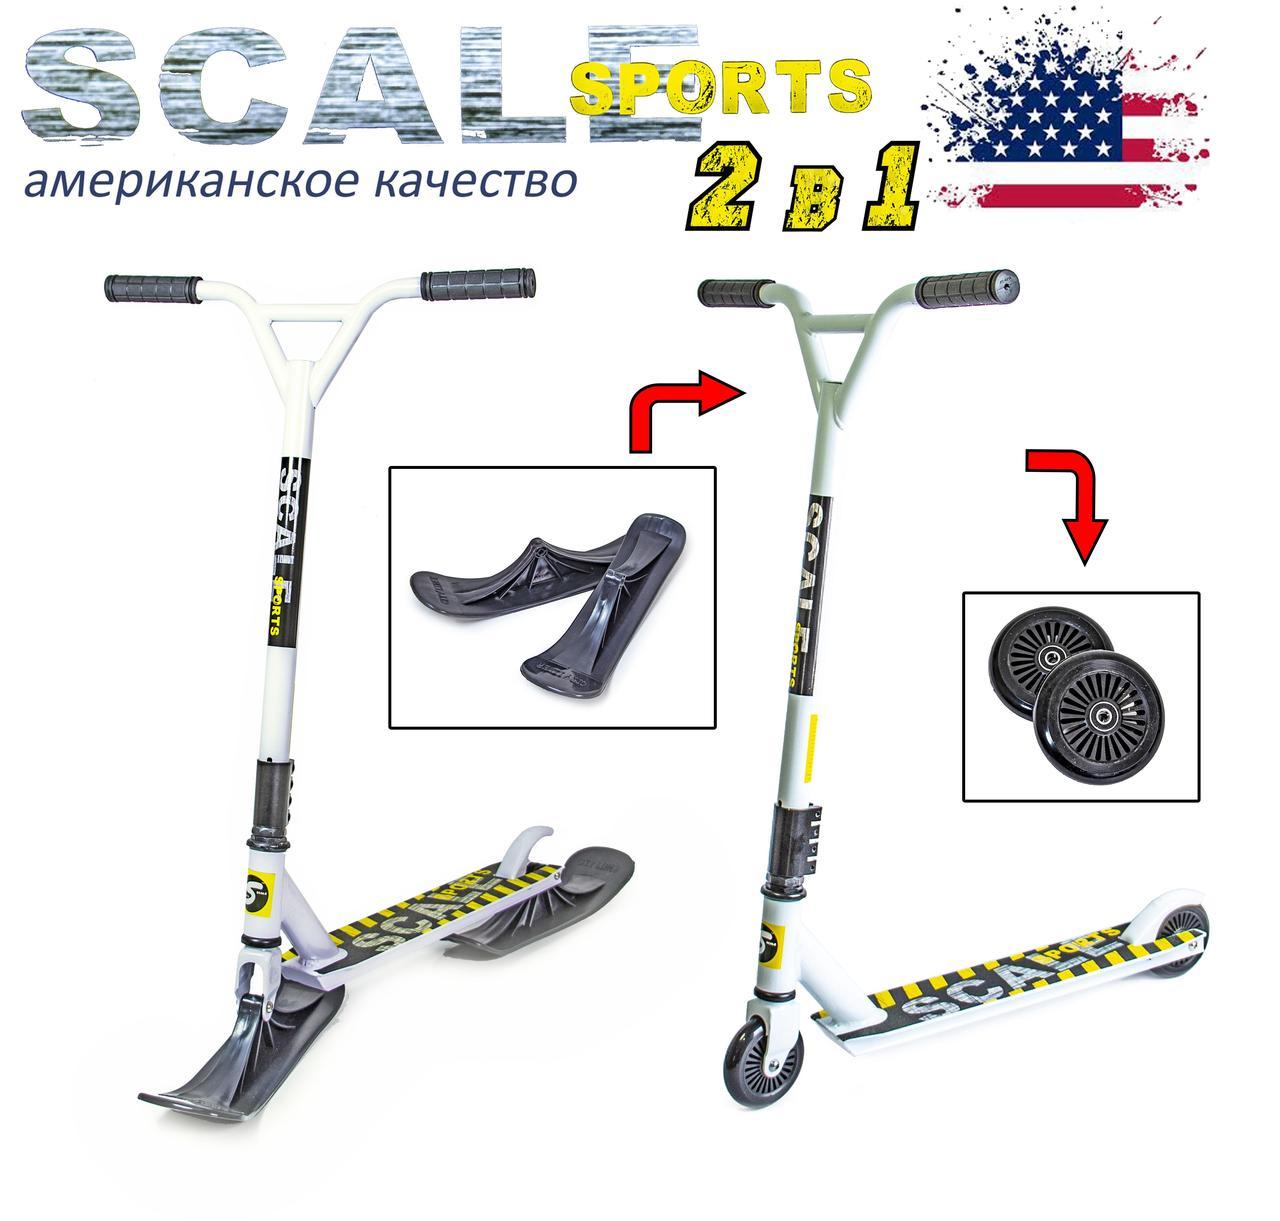 Самокат зимний трюковой на лыжах Scale Sports Tornado Original от 7 лет до 80 кг Белый